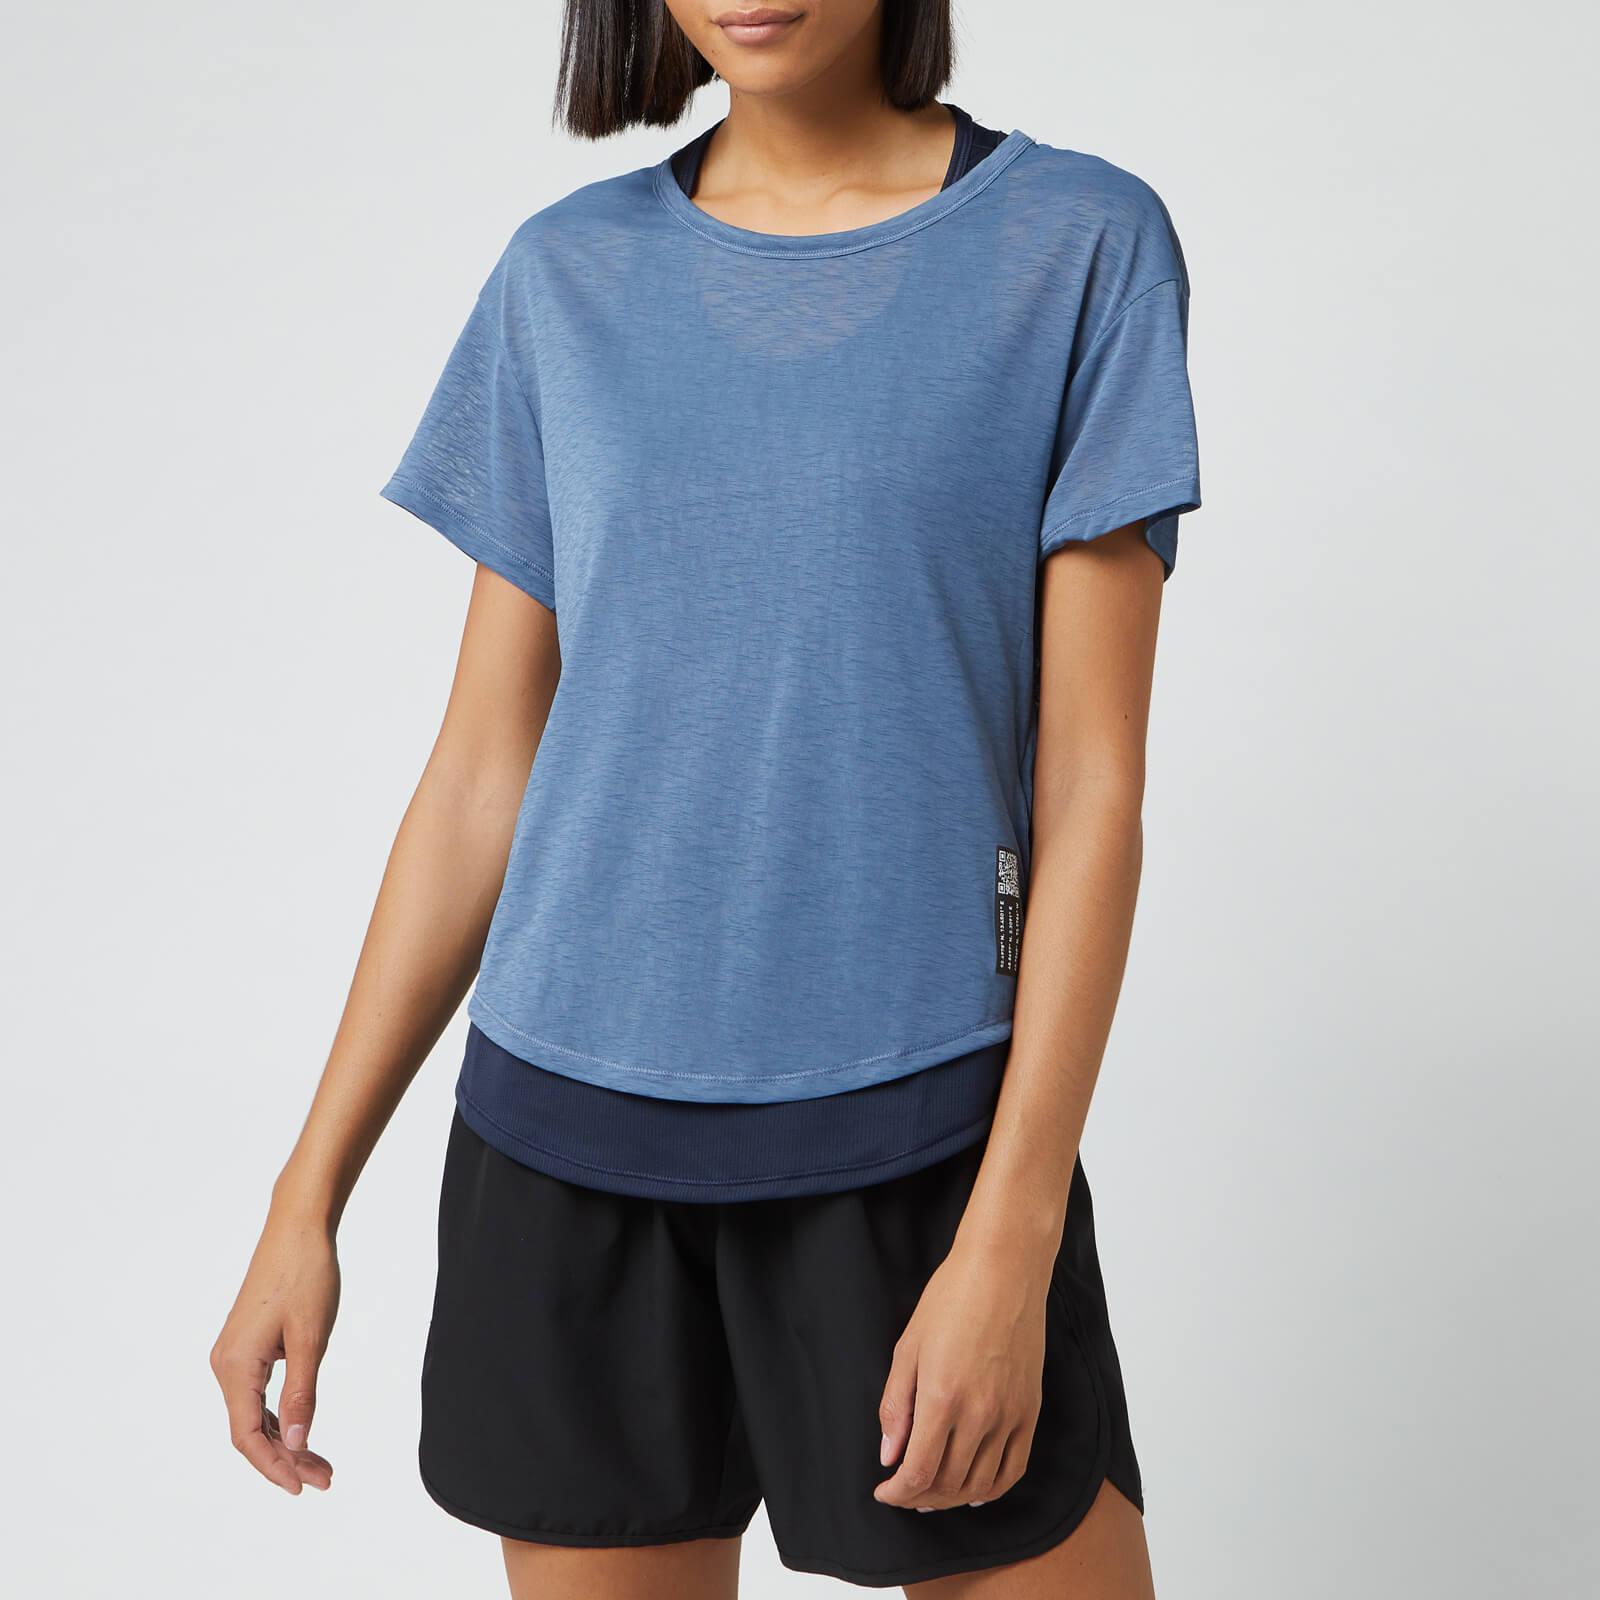 adidas Women's Adapt Short Sleeve T-Shirt - Blue - XS - Blue